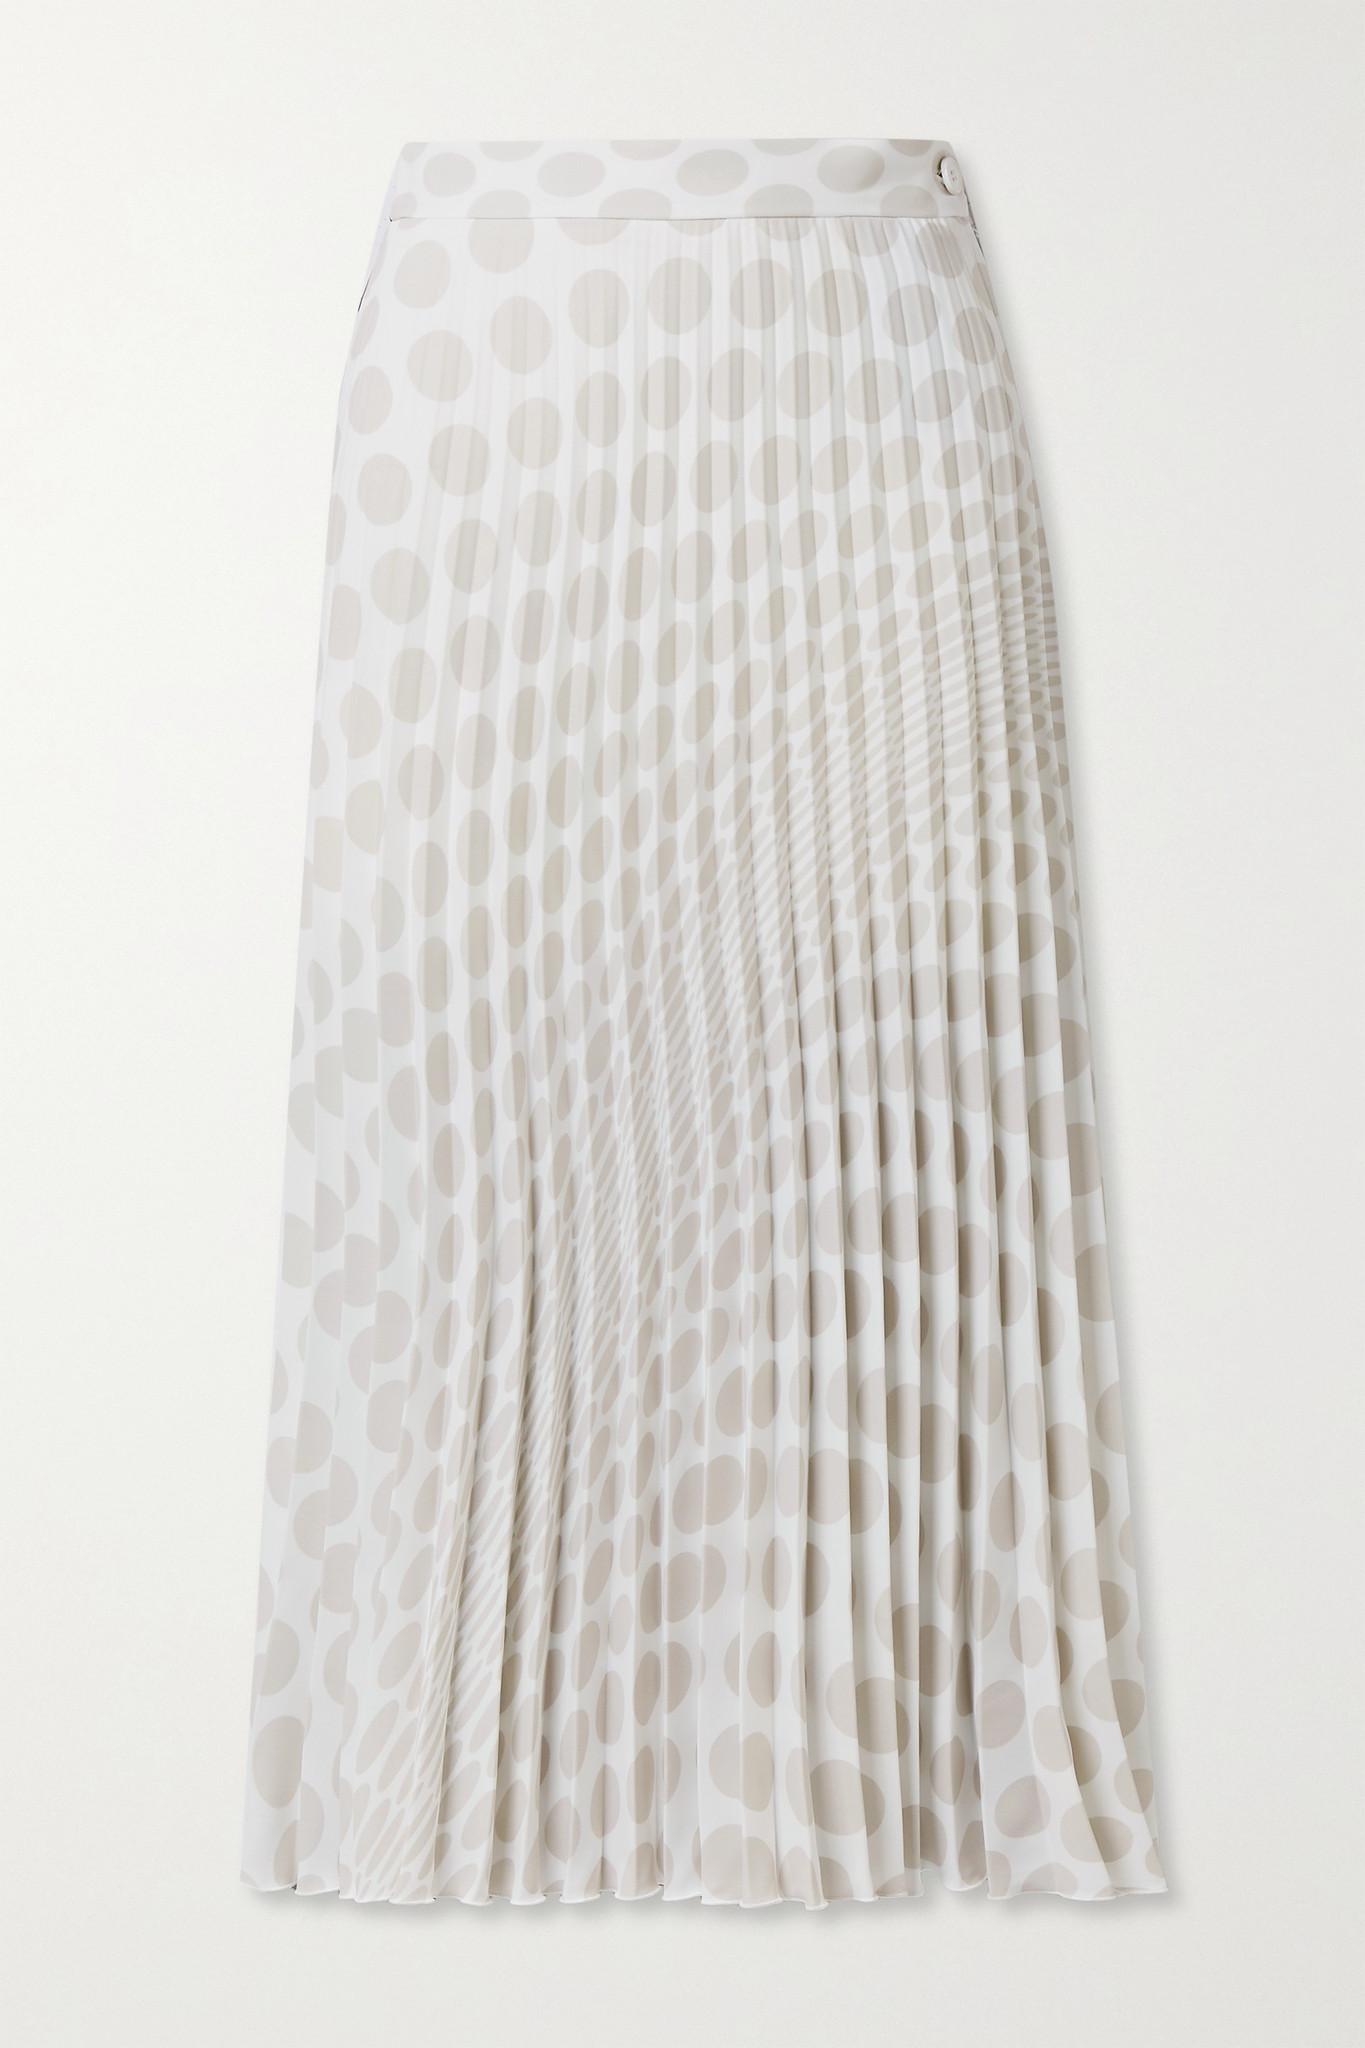 MM6 MAISON MARGIELA - 褶裥波点绉纱中长半身裙 - 黑色 - IT42